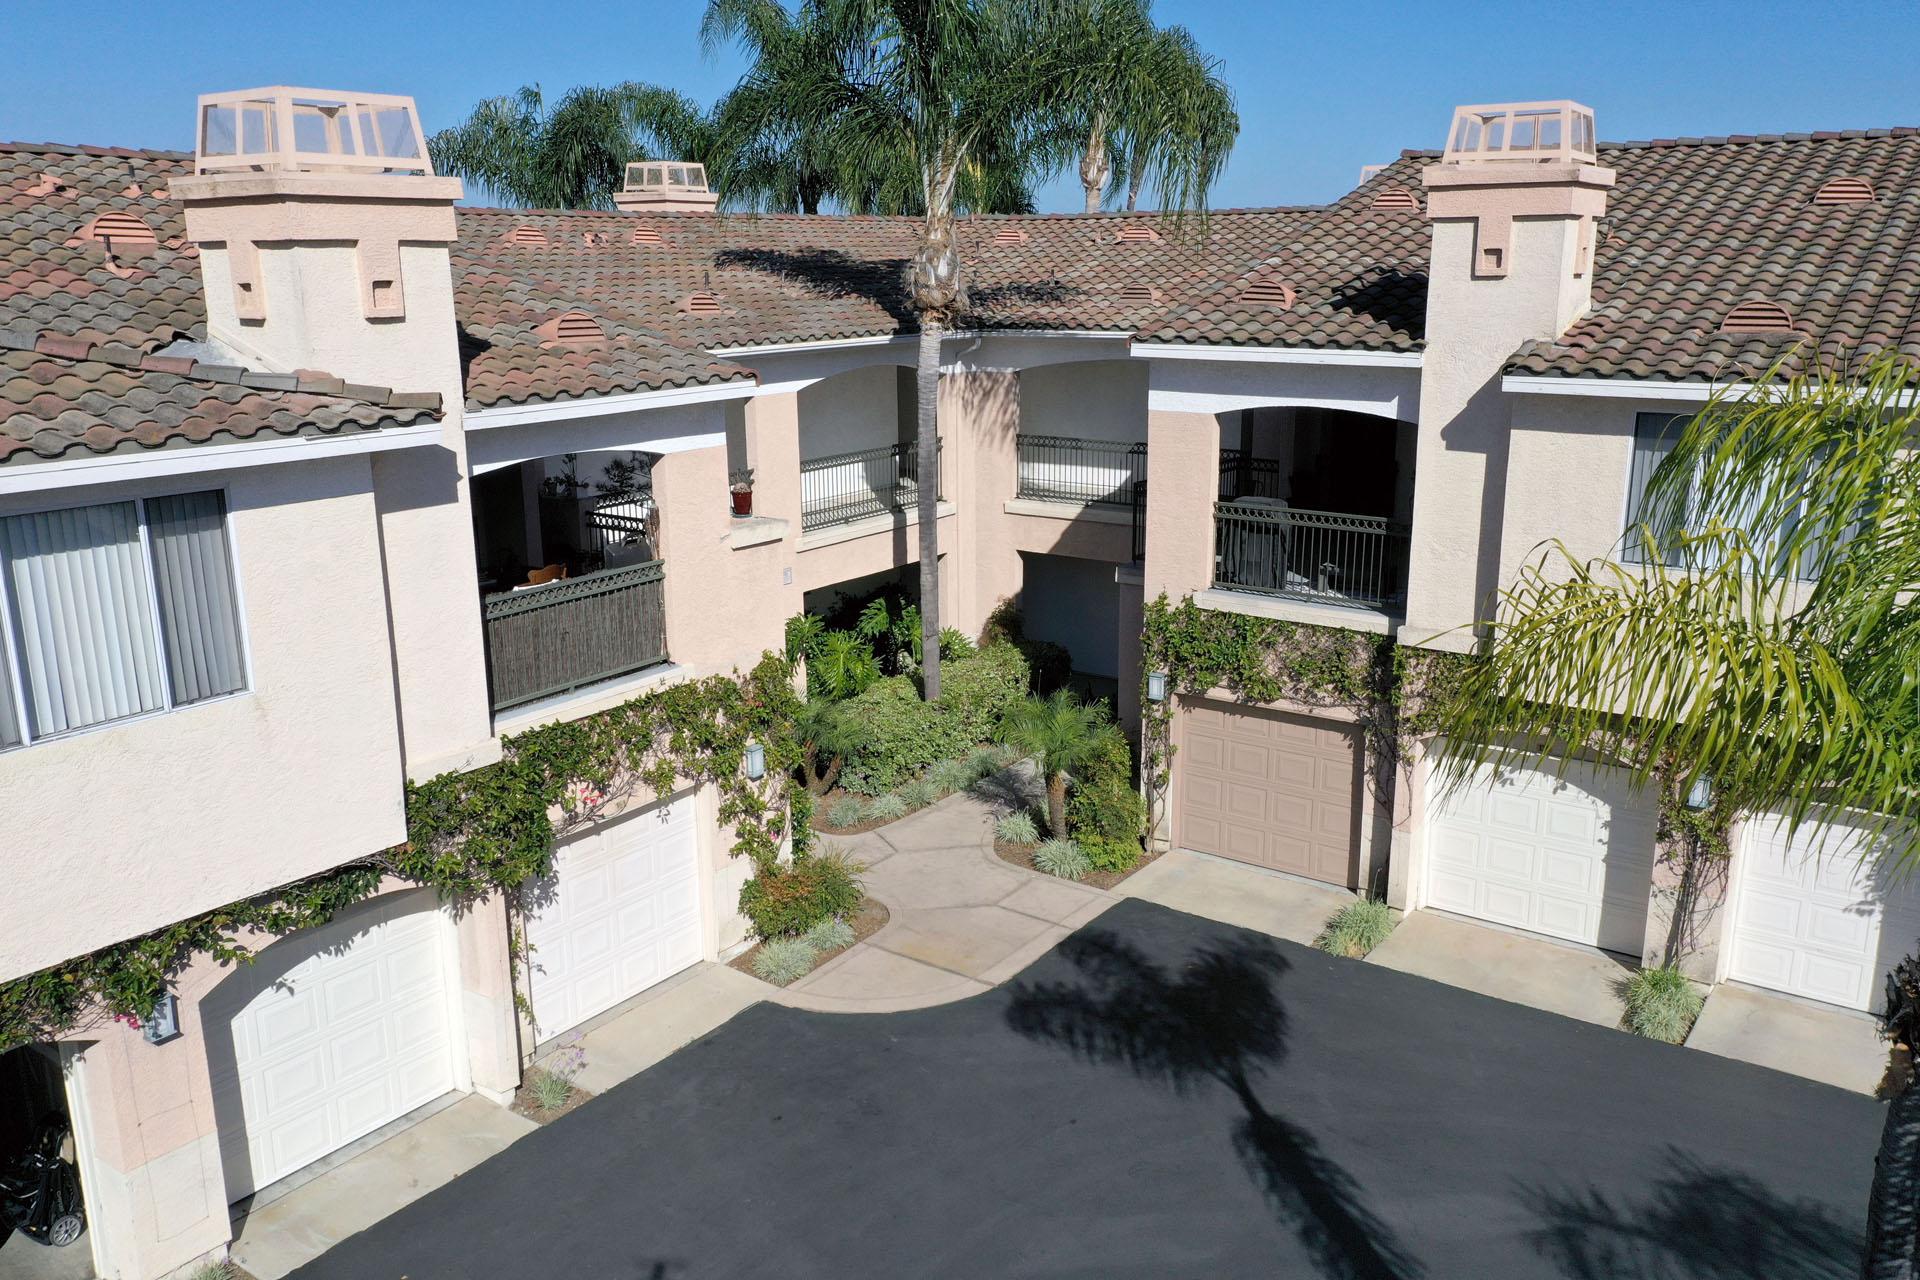 The Aventine garage